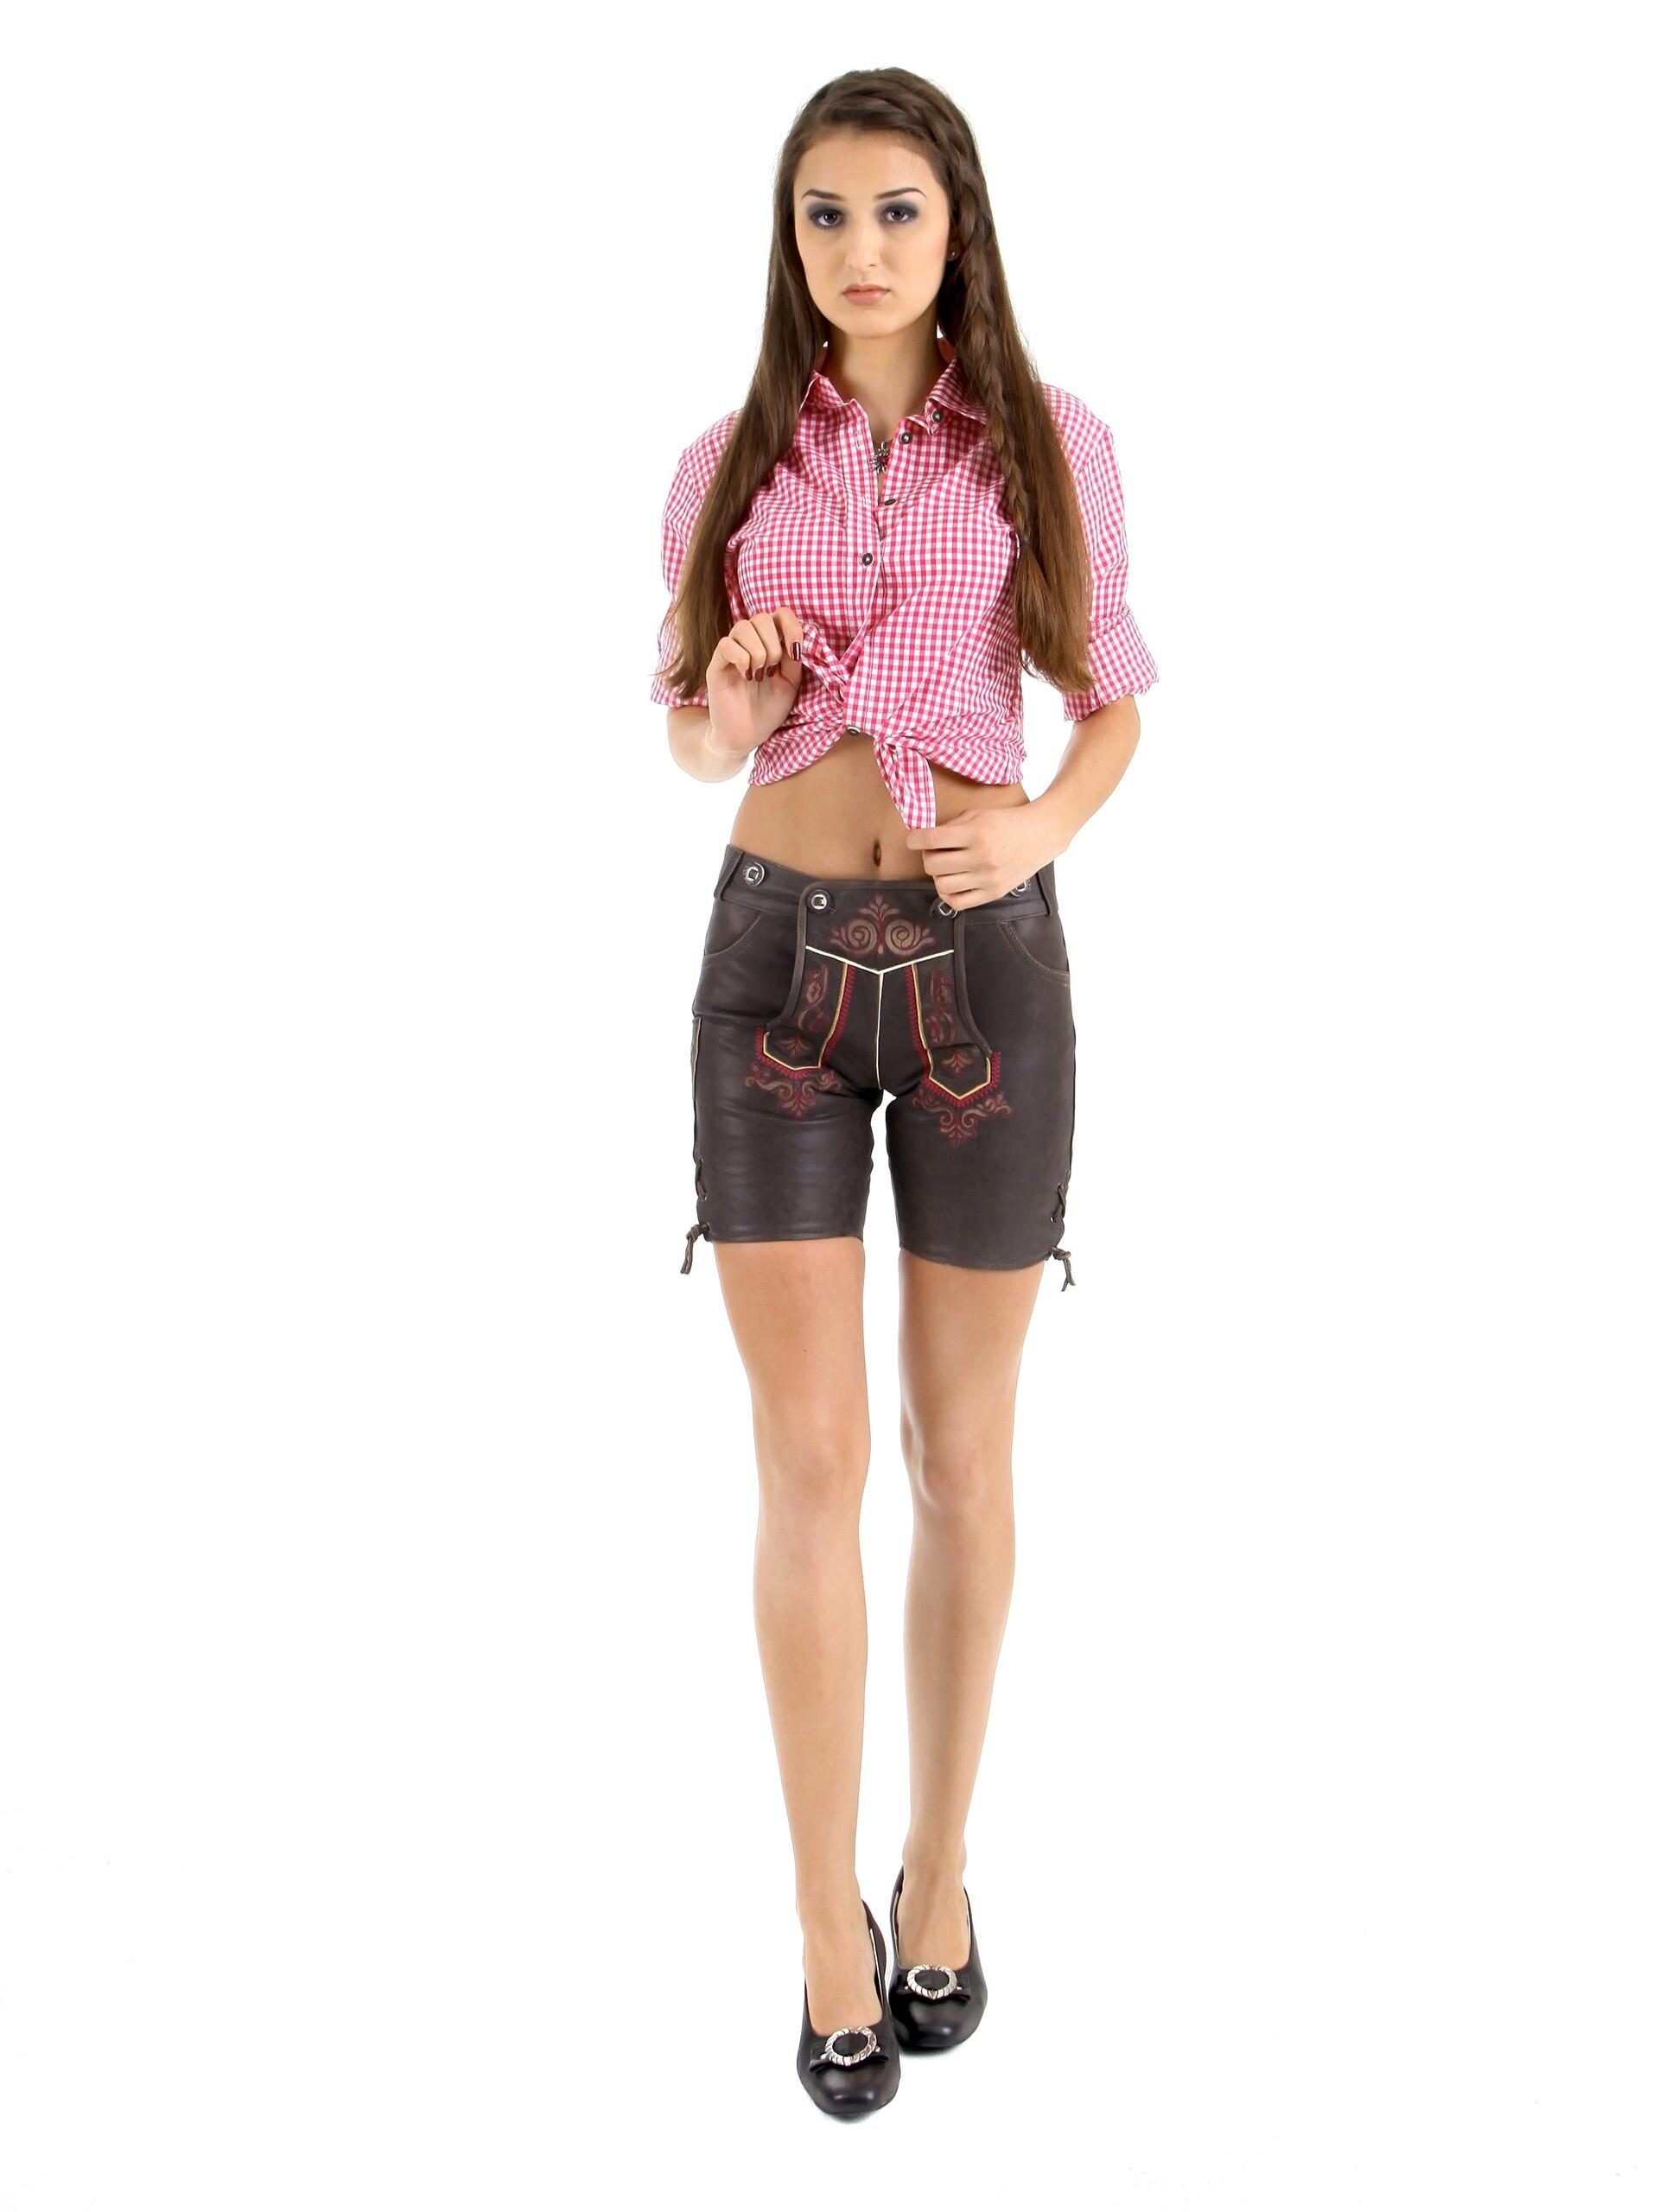 extrem einzigartig Sonderteil riesige Auswahl an Almbock Lederhose Damen Eva mit pinken Stickereien dunkelbraun